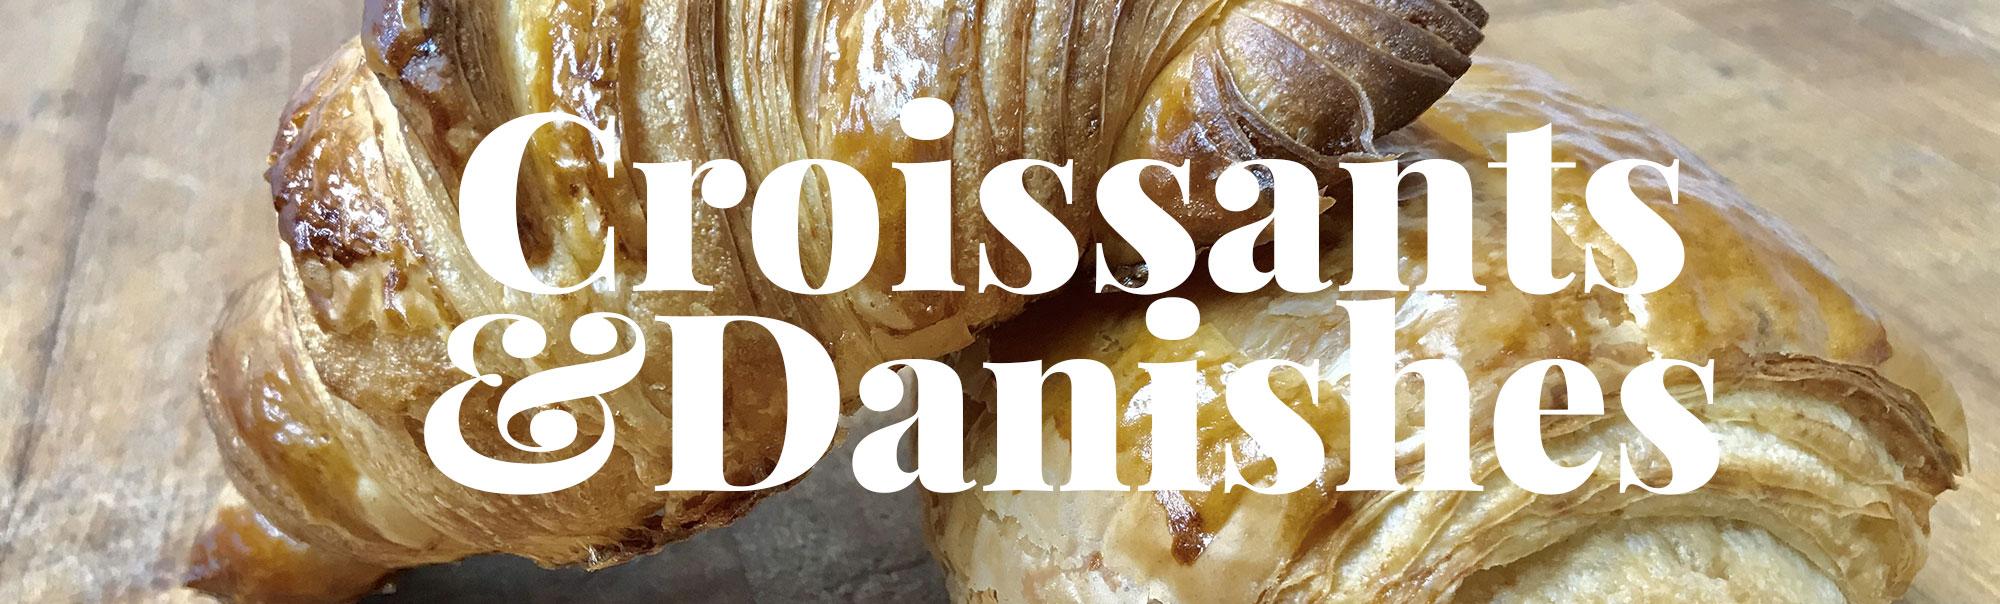 Atelier-Monnier-Menu-Croissants-Danishes